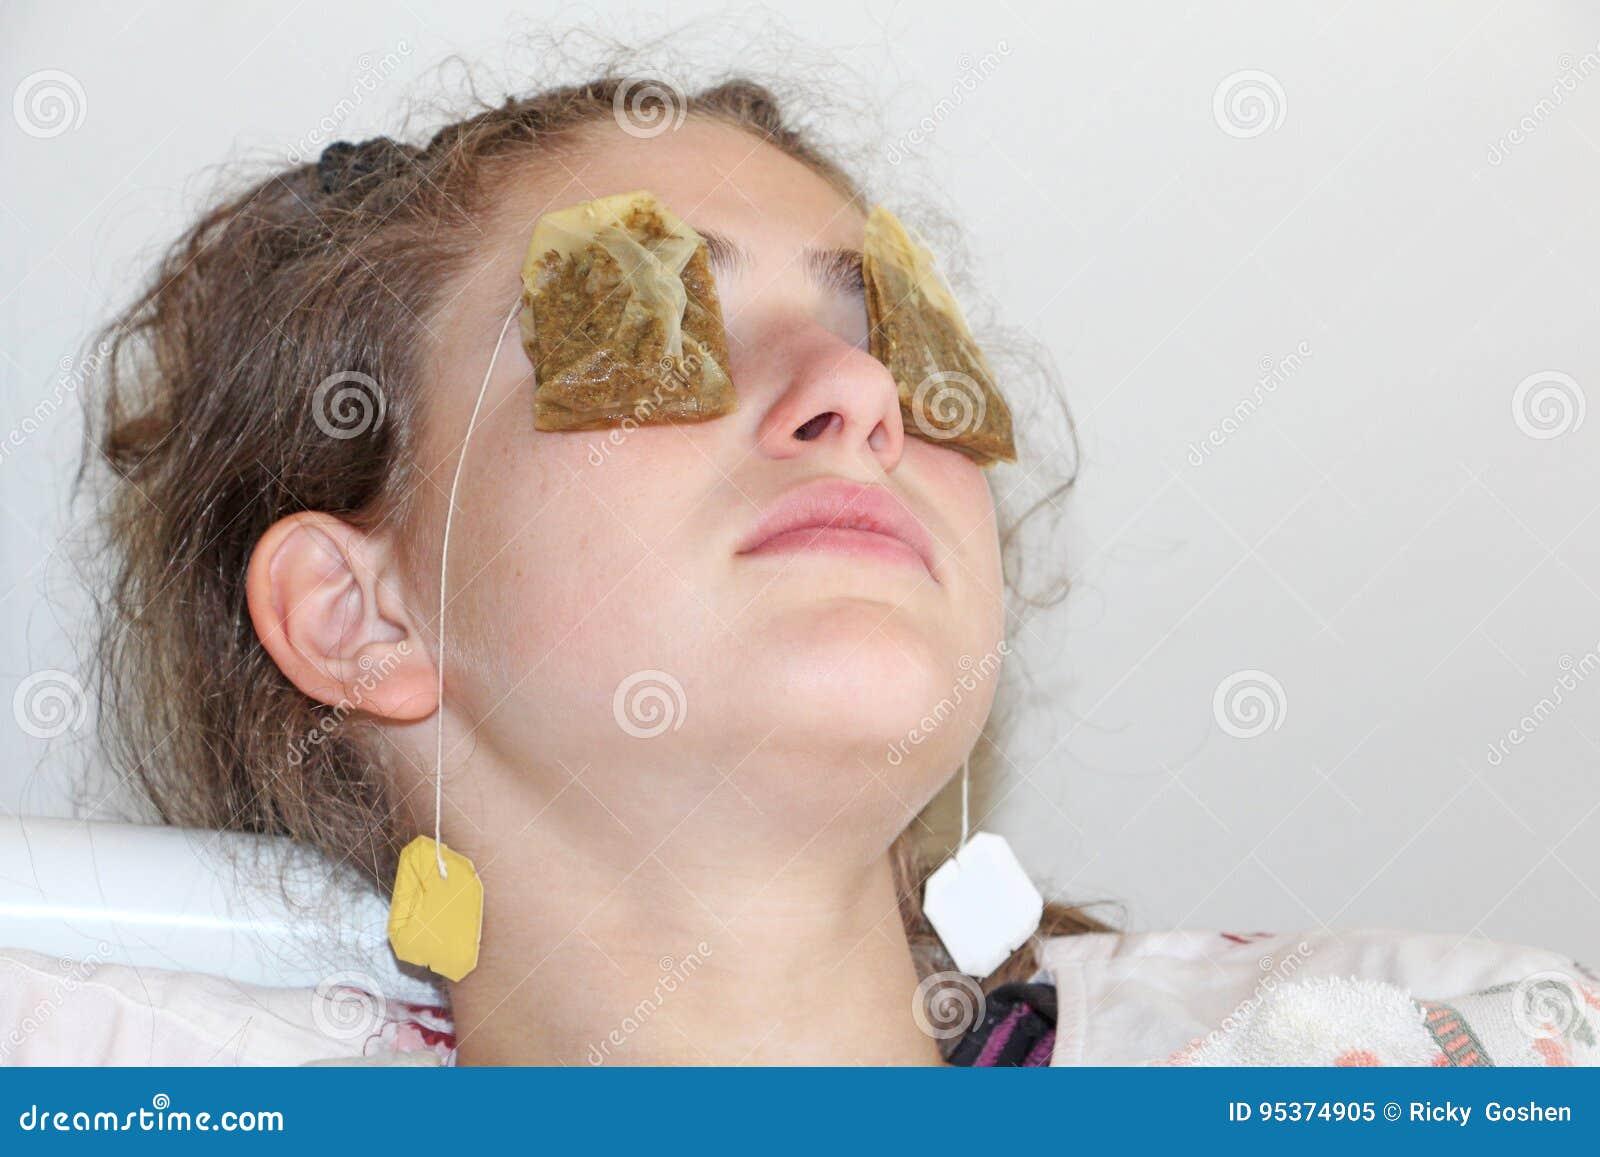 Bolsita de té para los ojos cansados